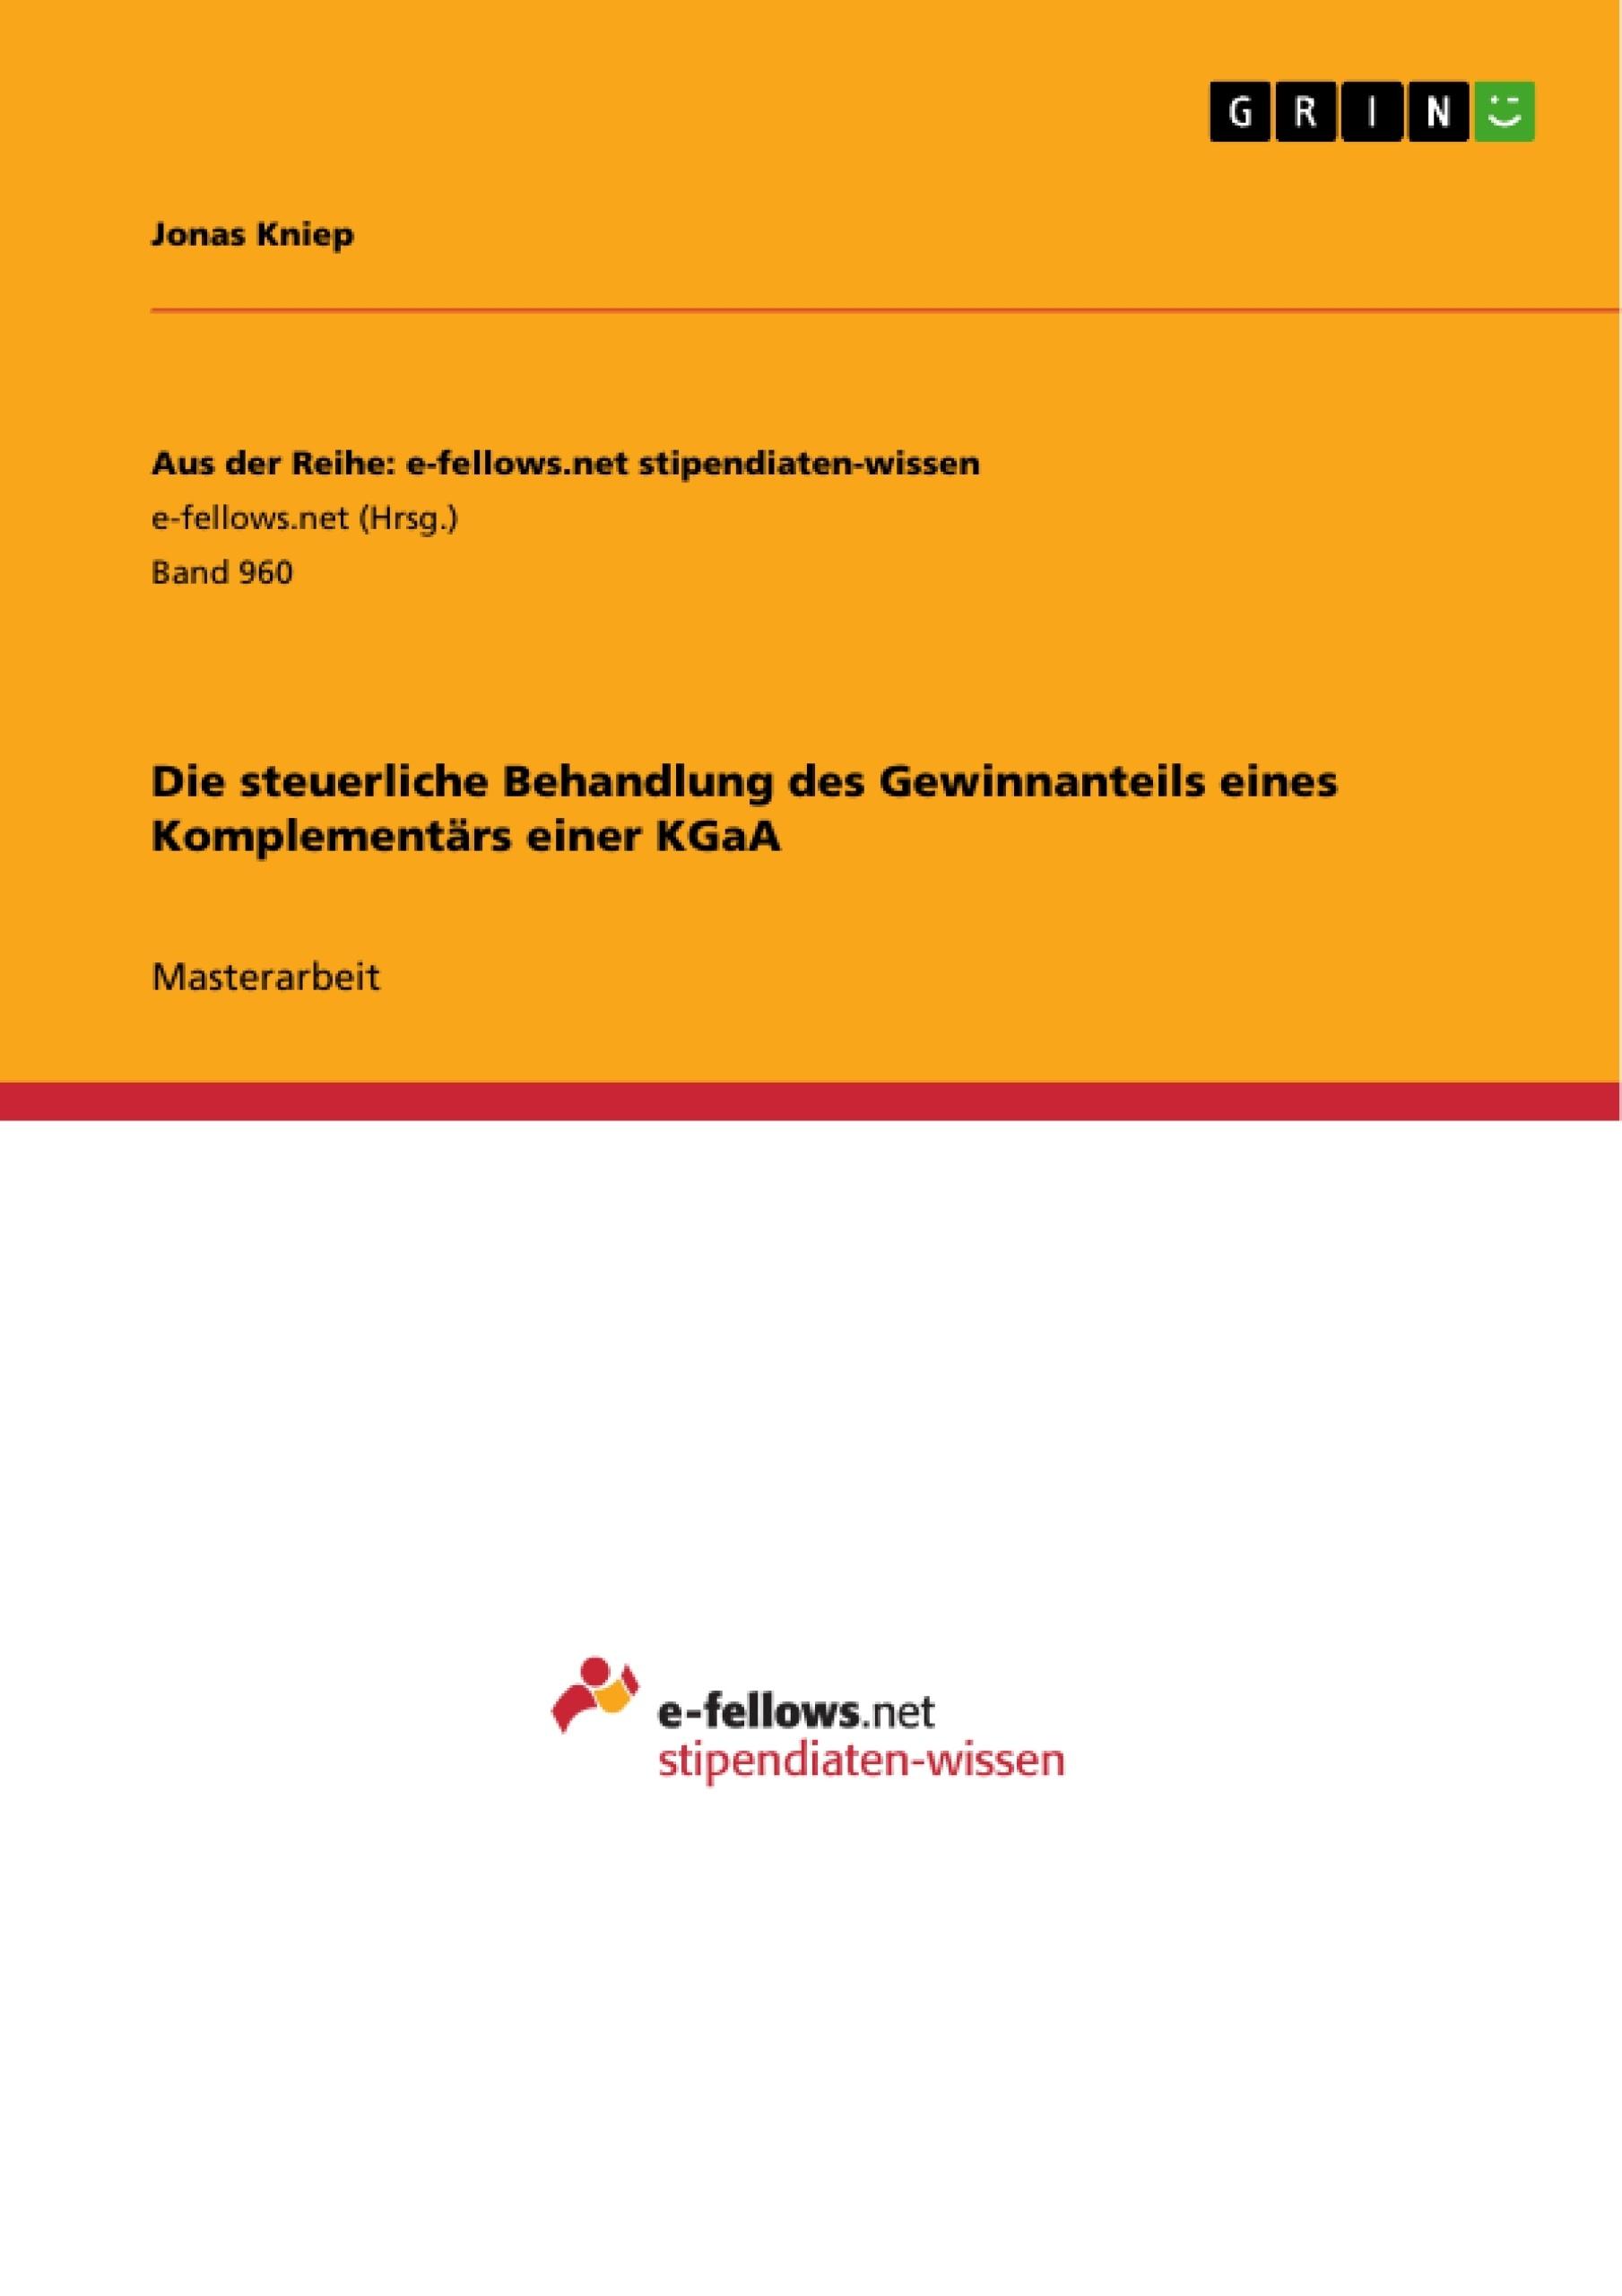 Titel: Die steuerliche Behandlung des Gewinnanteils eines Komplementärs einer KGaA